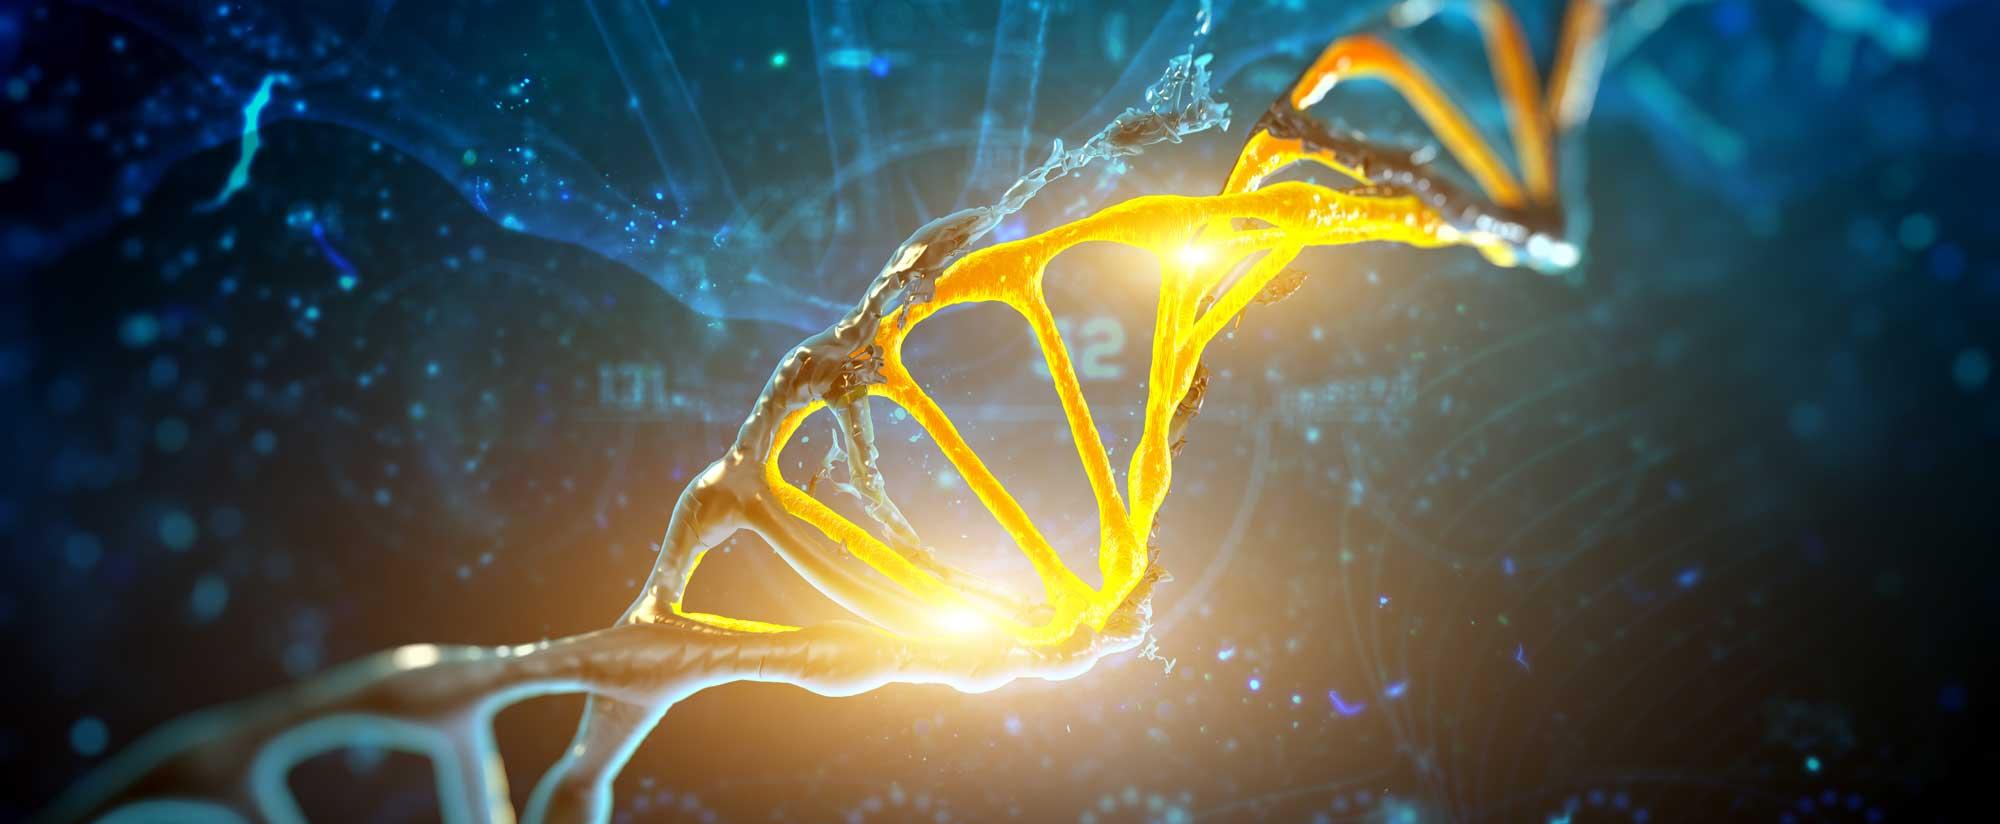 Digital-illustration-DNA-structure-in-blue-background-1.jpg